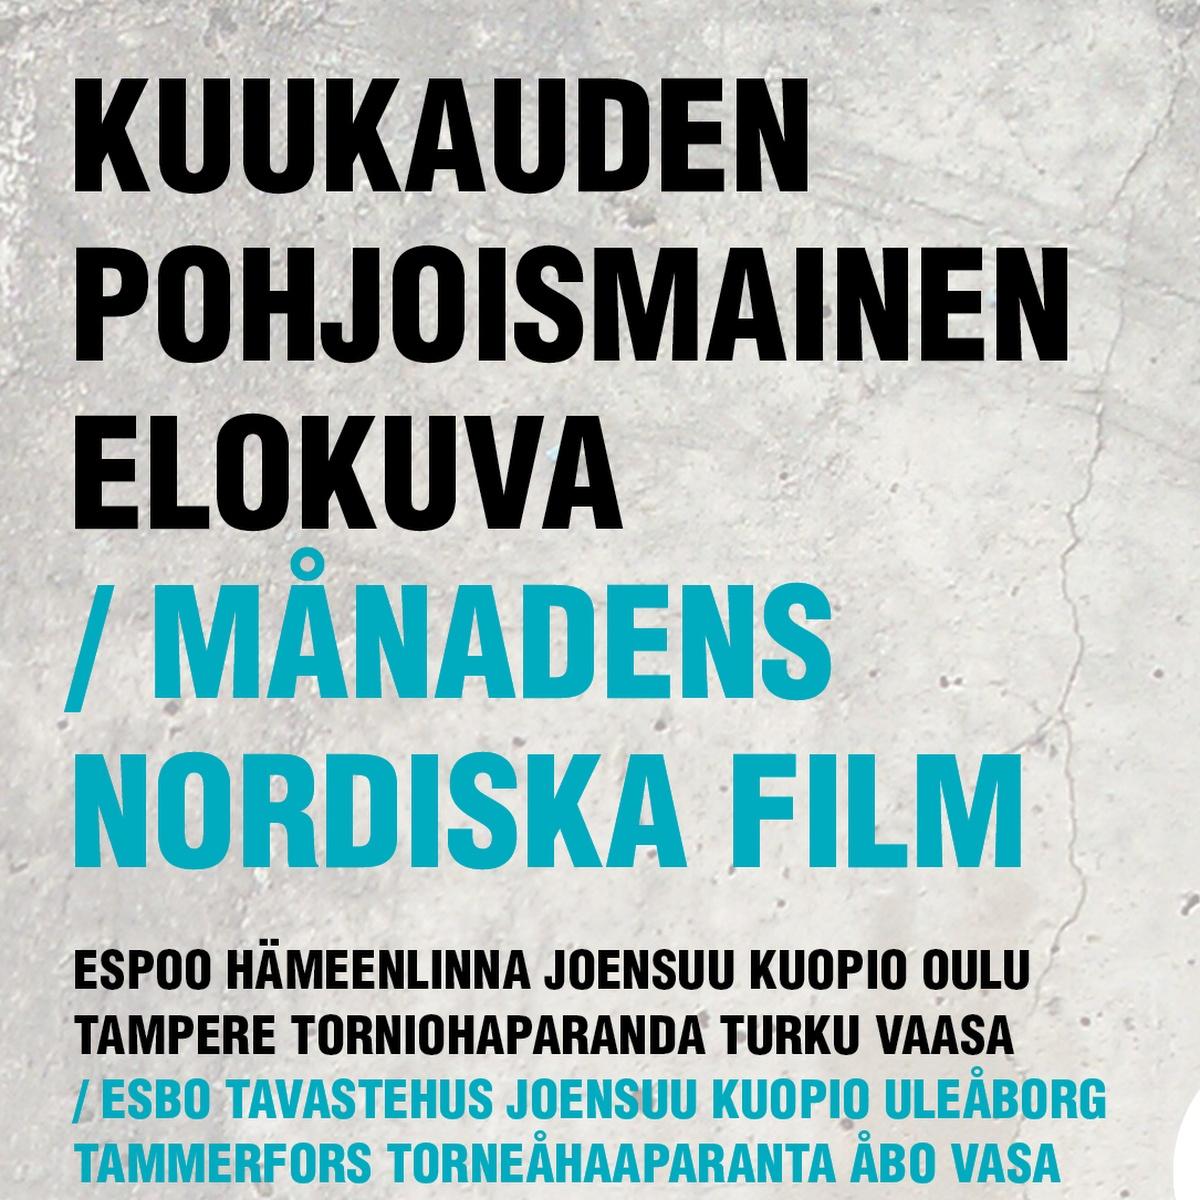 Månadens nordiska film